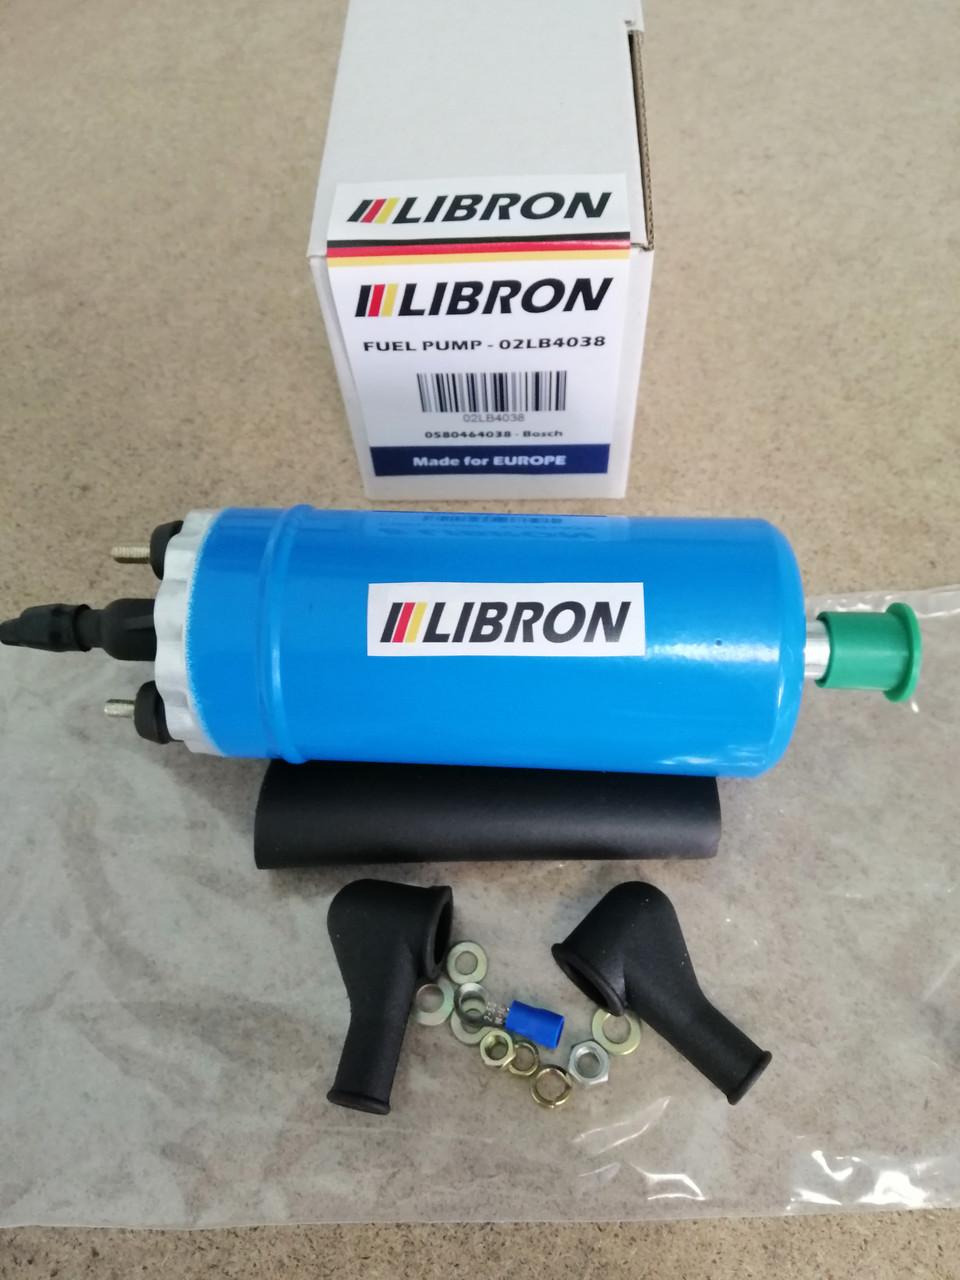 Топливный насос LIBRON 02LB4038 - ALFA ROMEO 90 (162) 2.5 i.e. V6 (1984-1987)